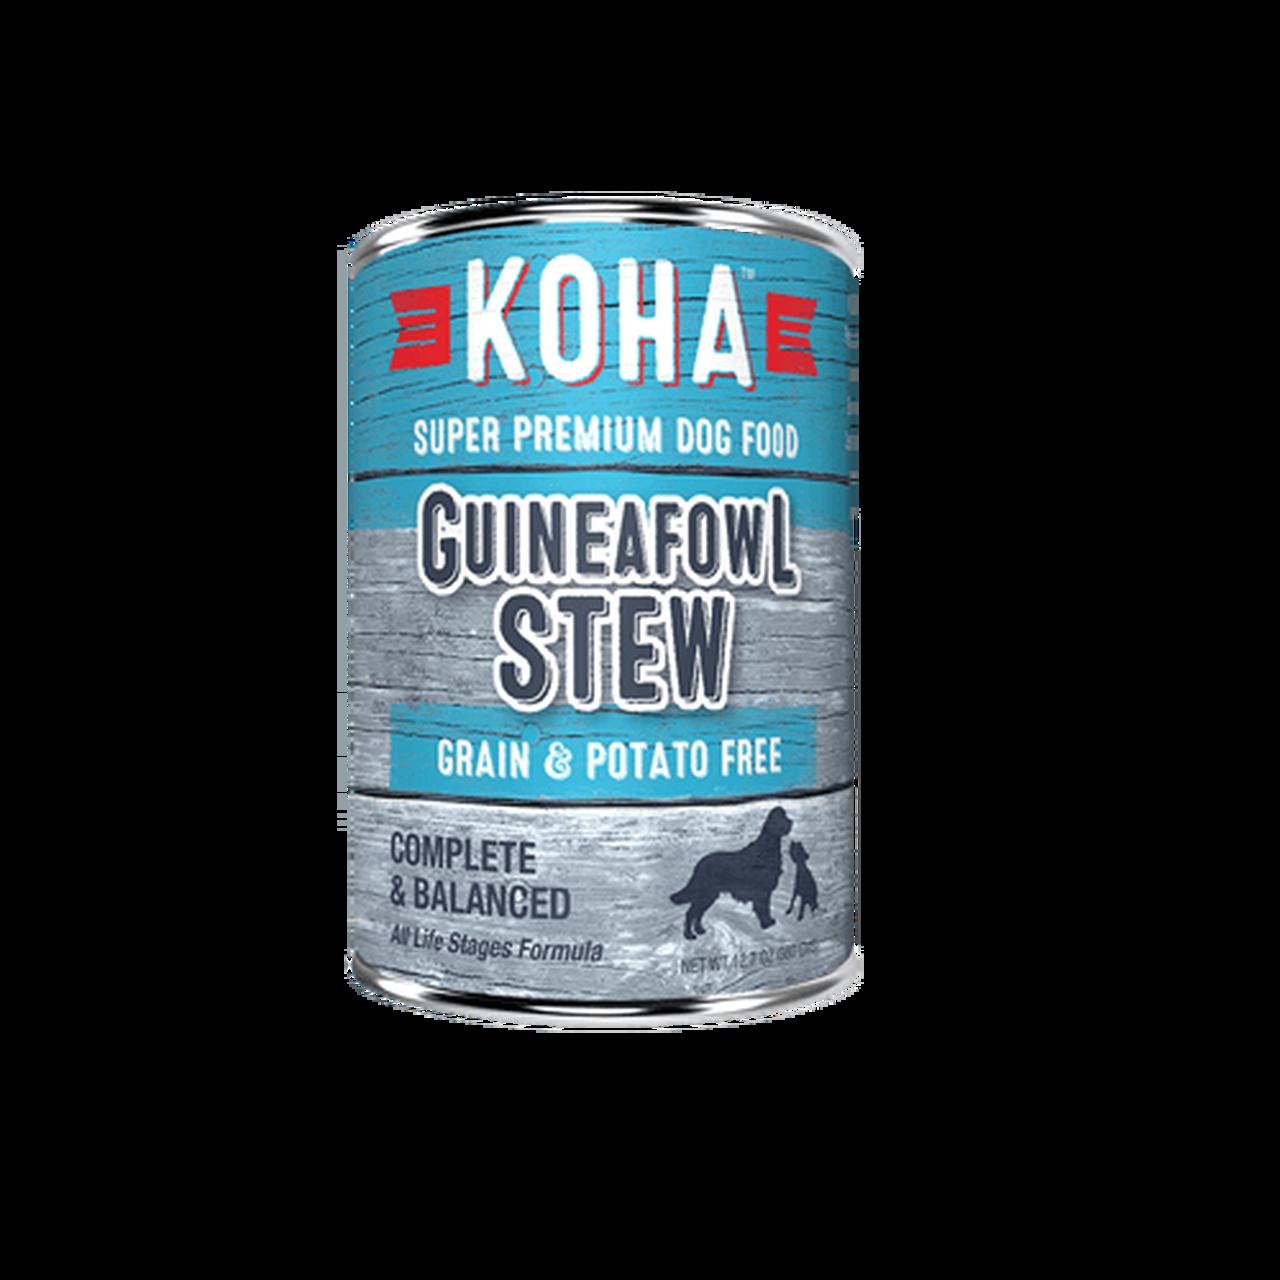 Koha Koha Guineafowl Stew